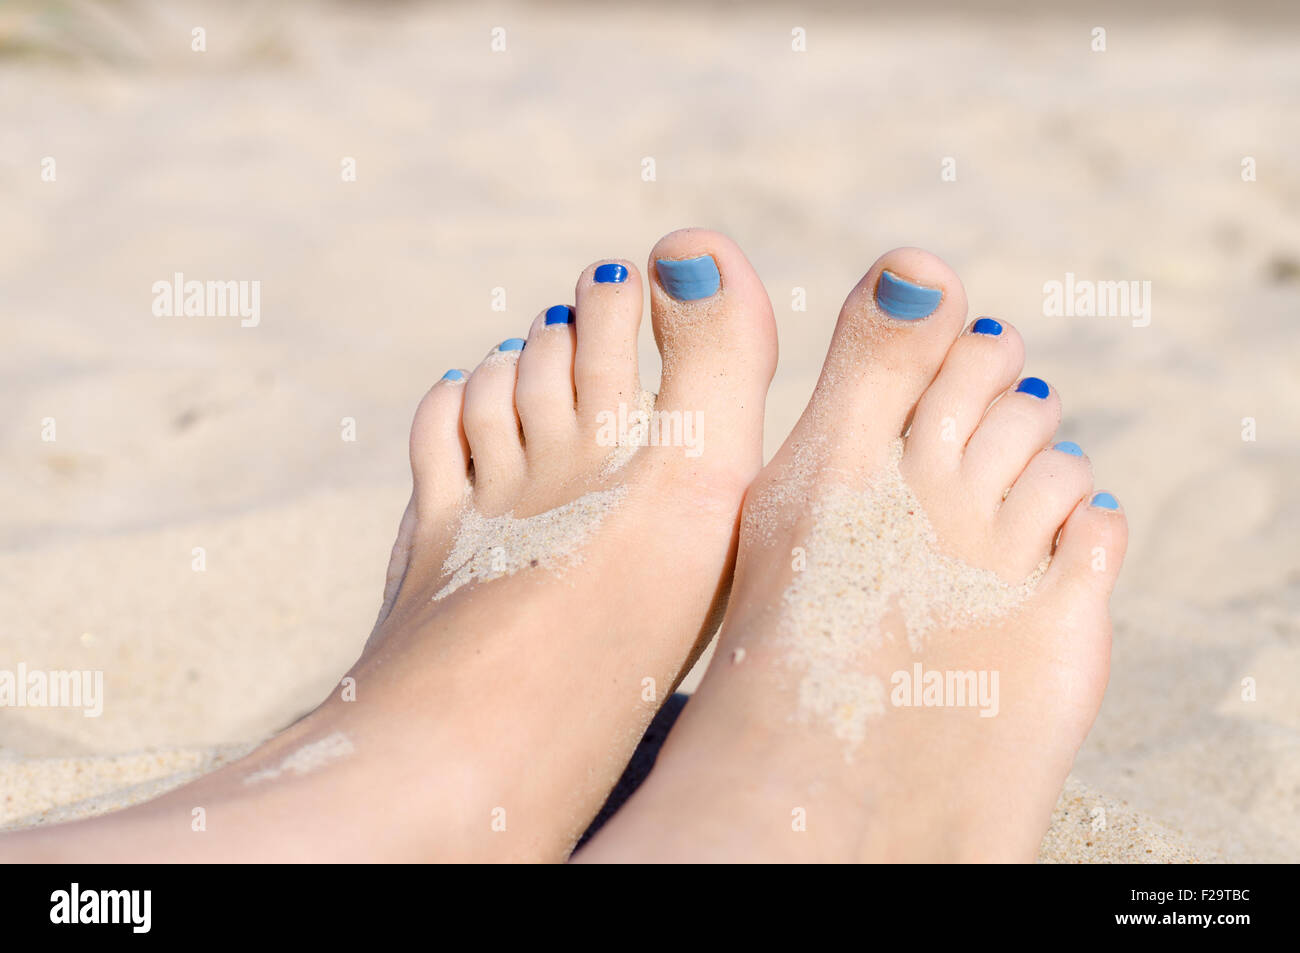 Feet nail